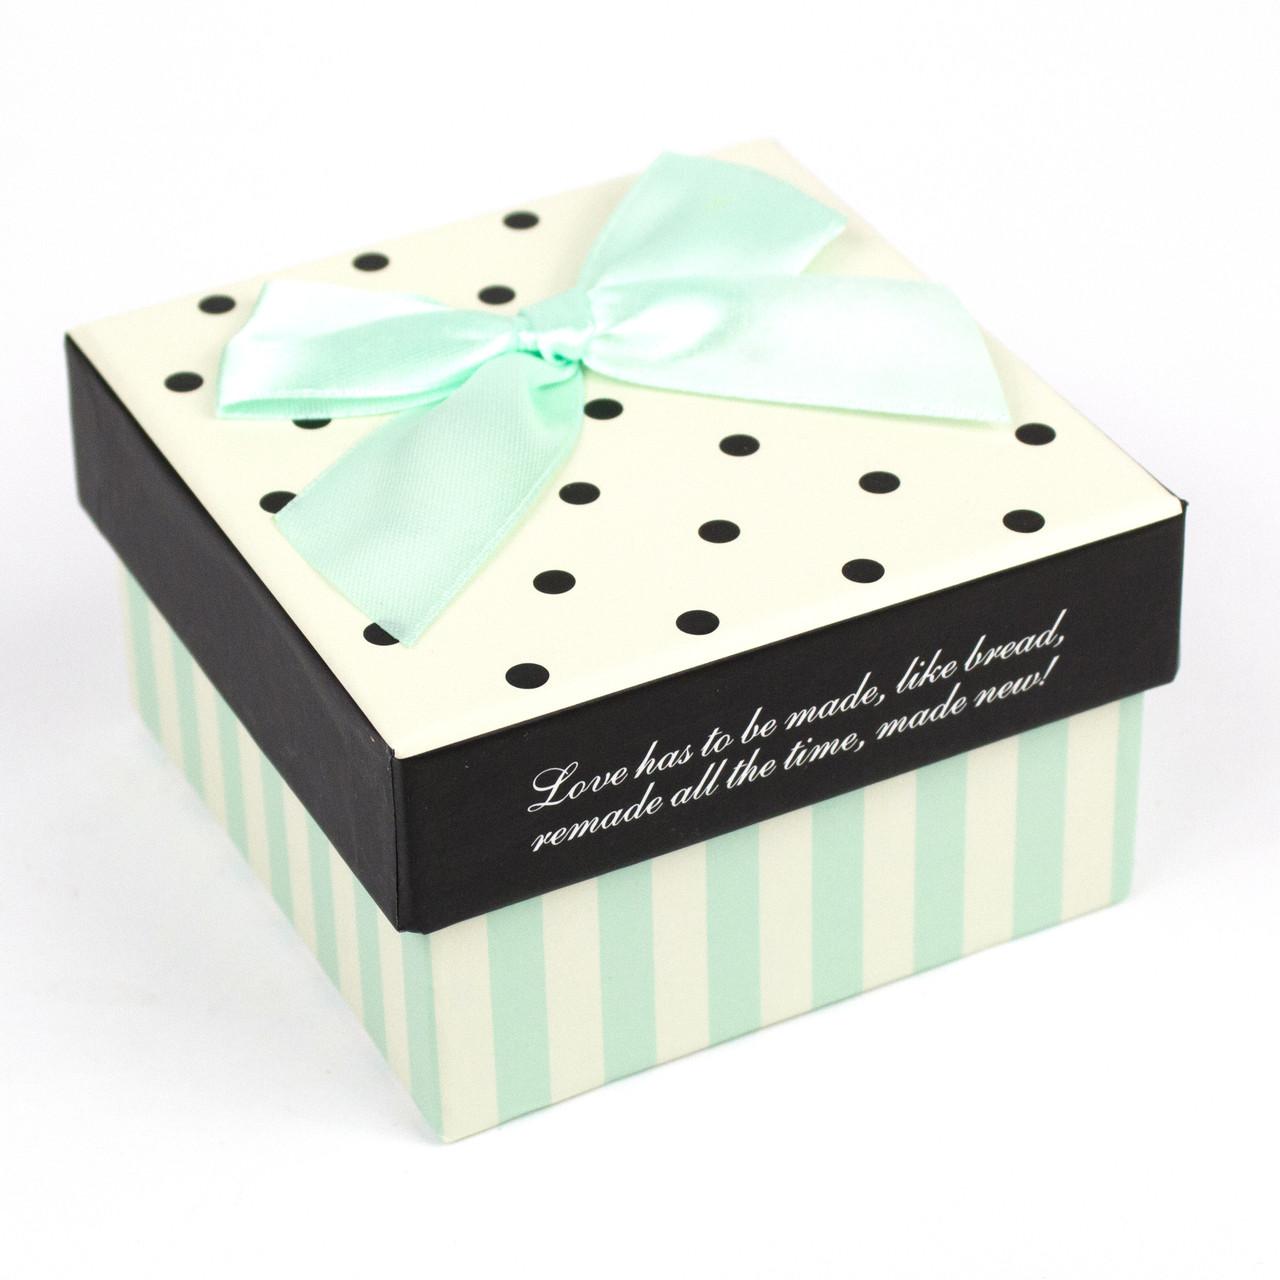 Коробка квадратная с мятным бантом 9.5x9.5x5.8 cm